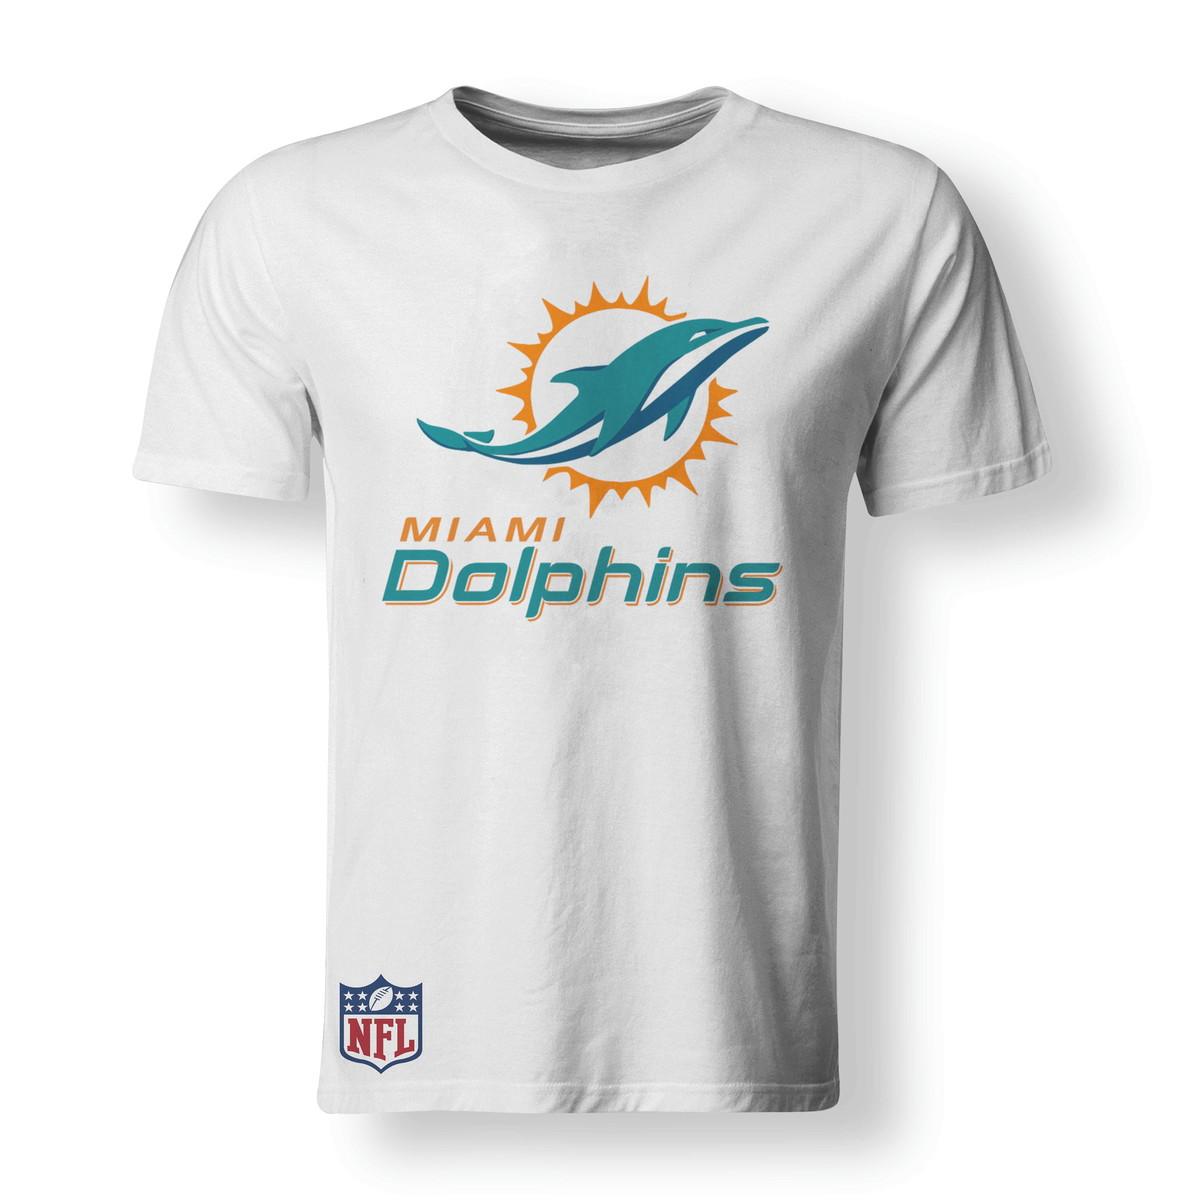 b9f731e5147d0 Camiseta Miami Dolphins NFL - A3 no Elo7